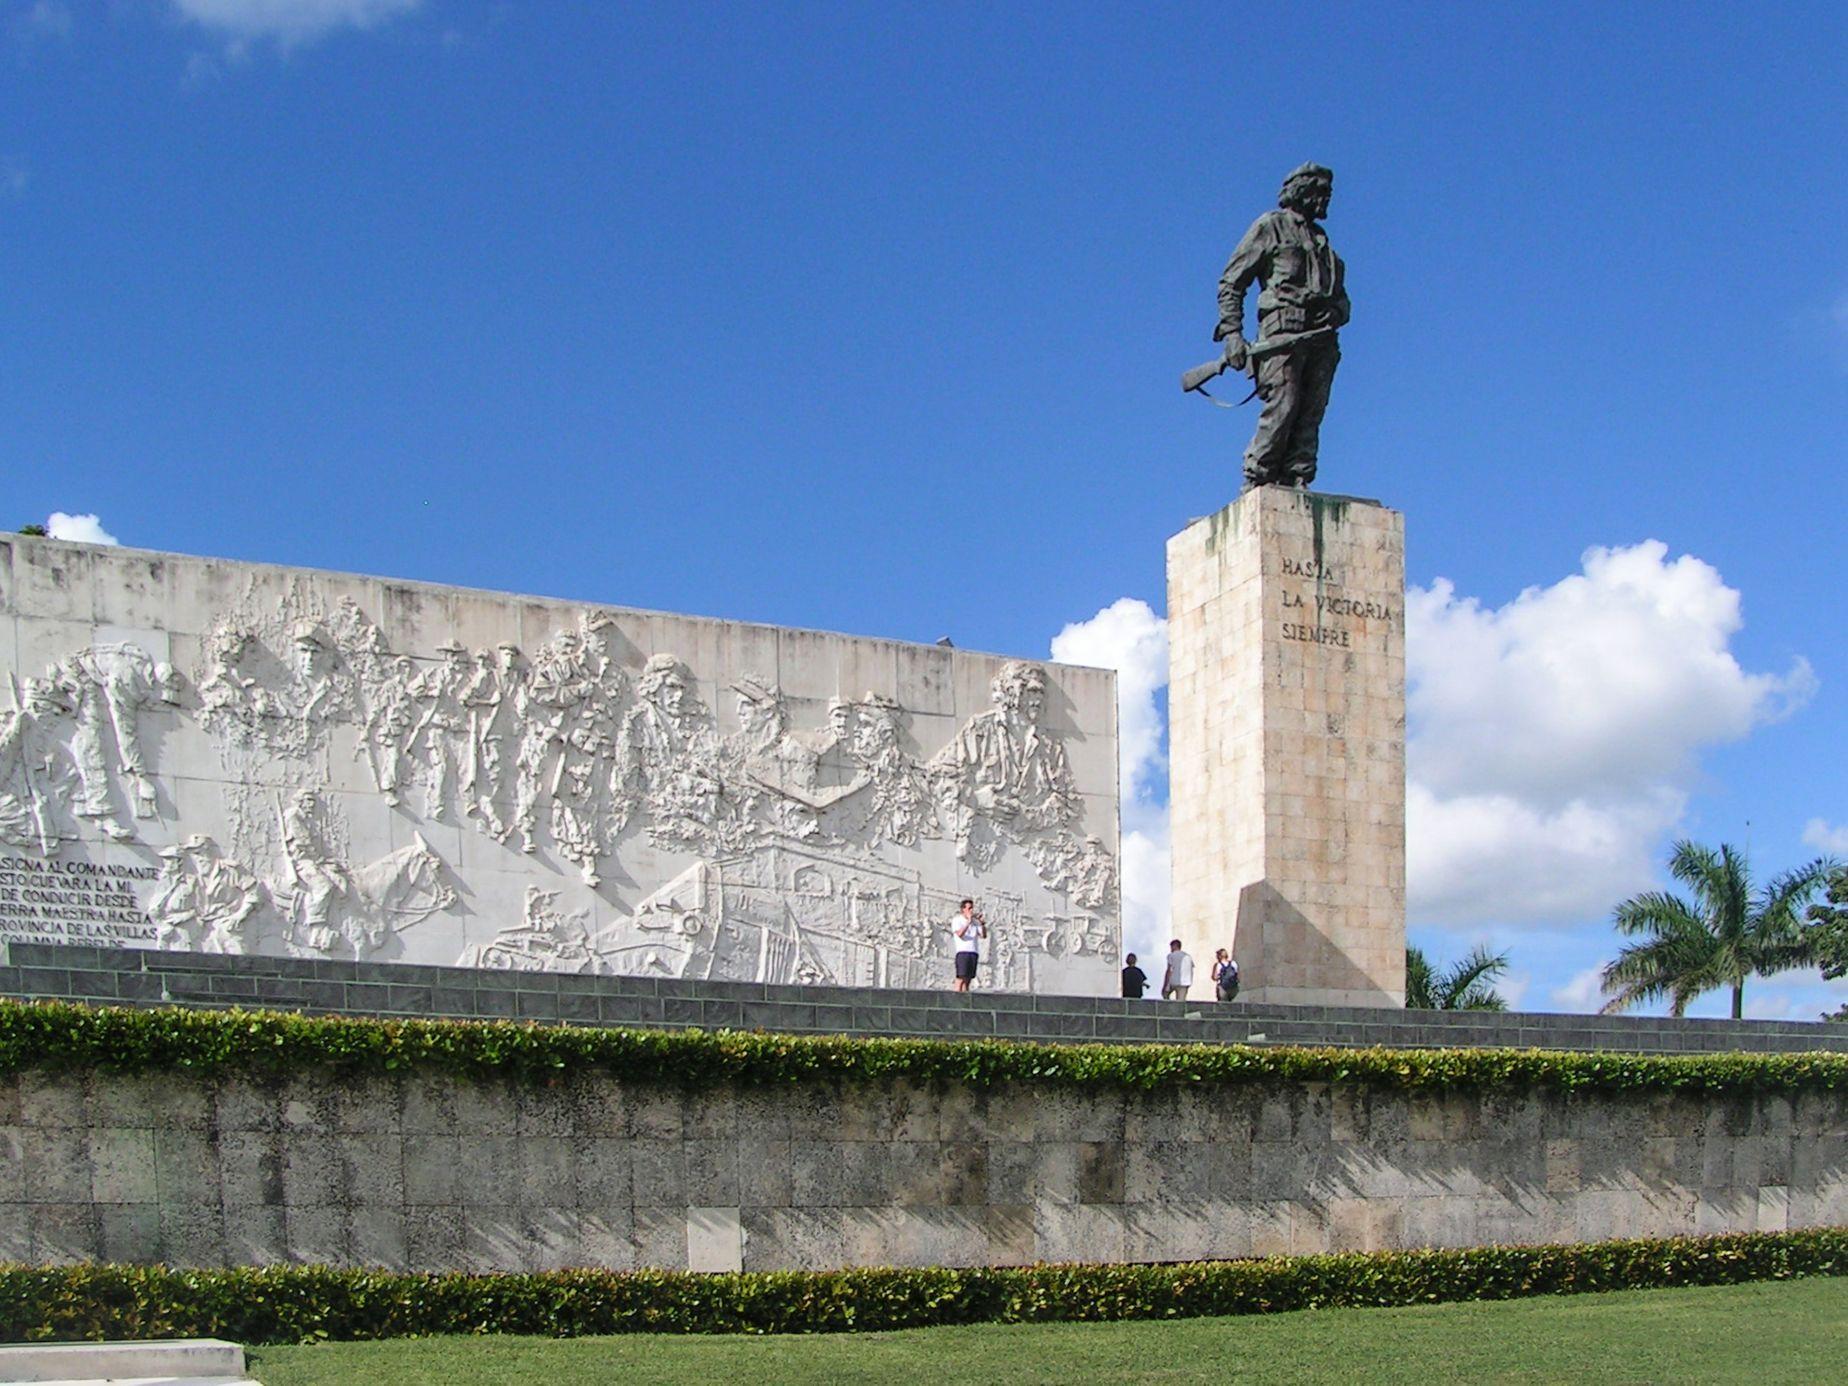 Památník Che Guevary v Santa Claře na Kubě, snímek z roku 2003.